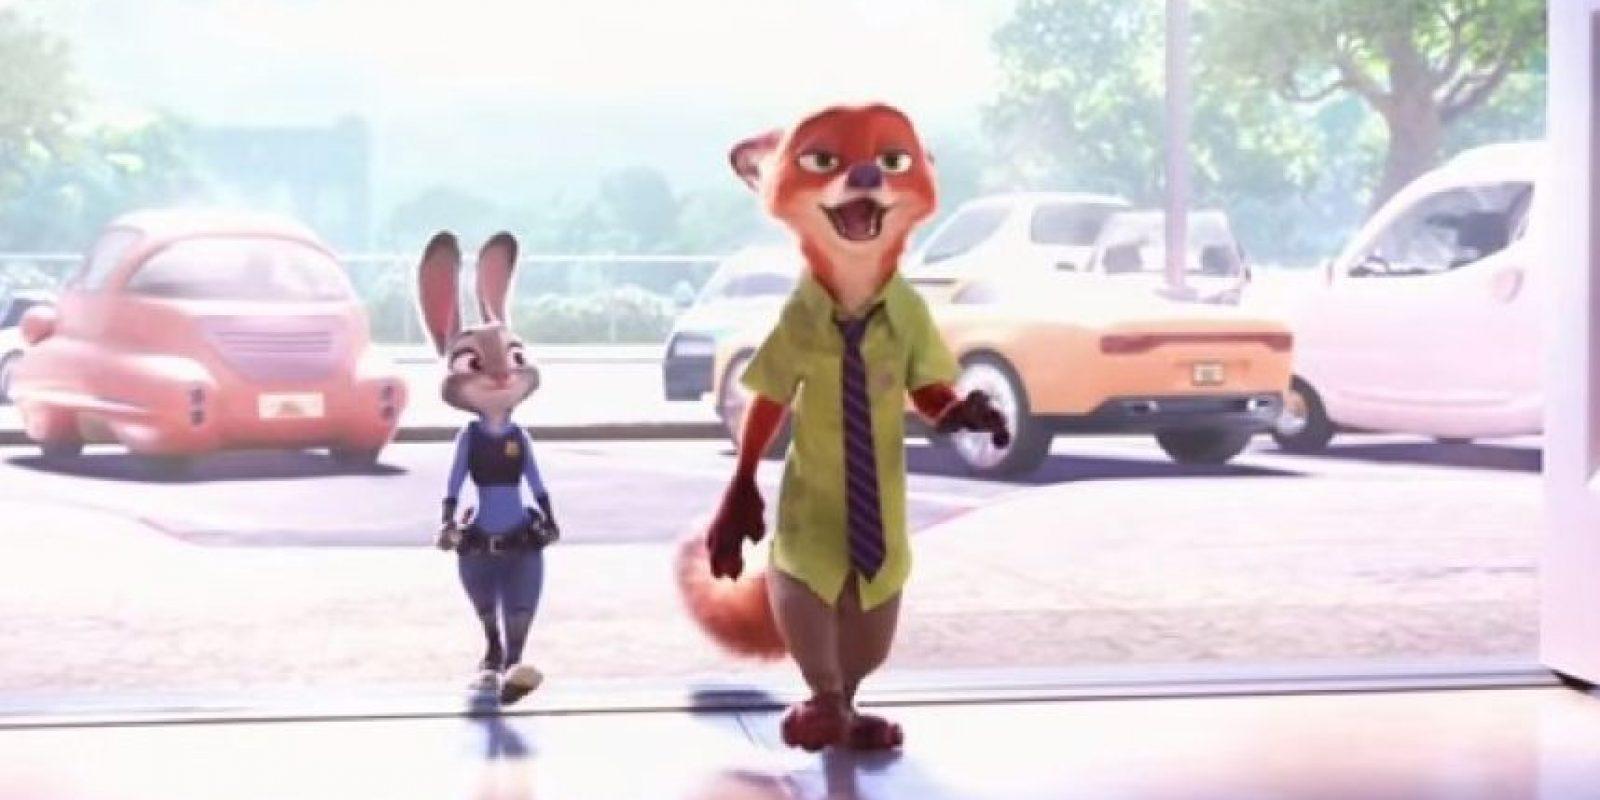 """Los personajes centrales serán un extrovertido zorro llamado """"Nick Wilde"""" y """"Judy Hoops"""", una policía novata. Foto:Disney"""